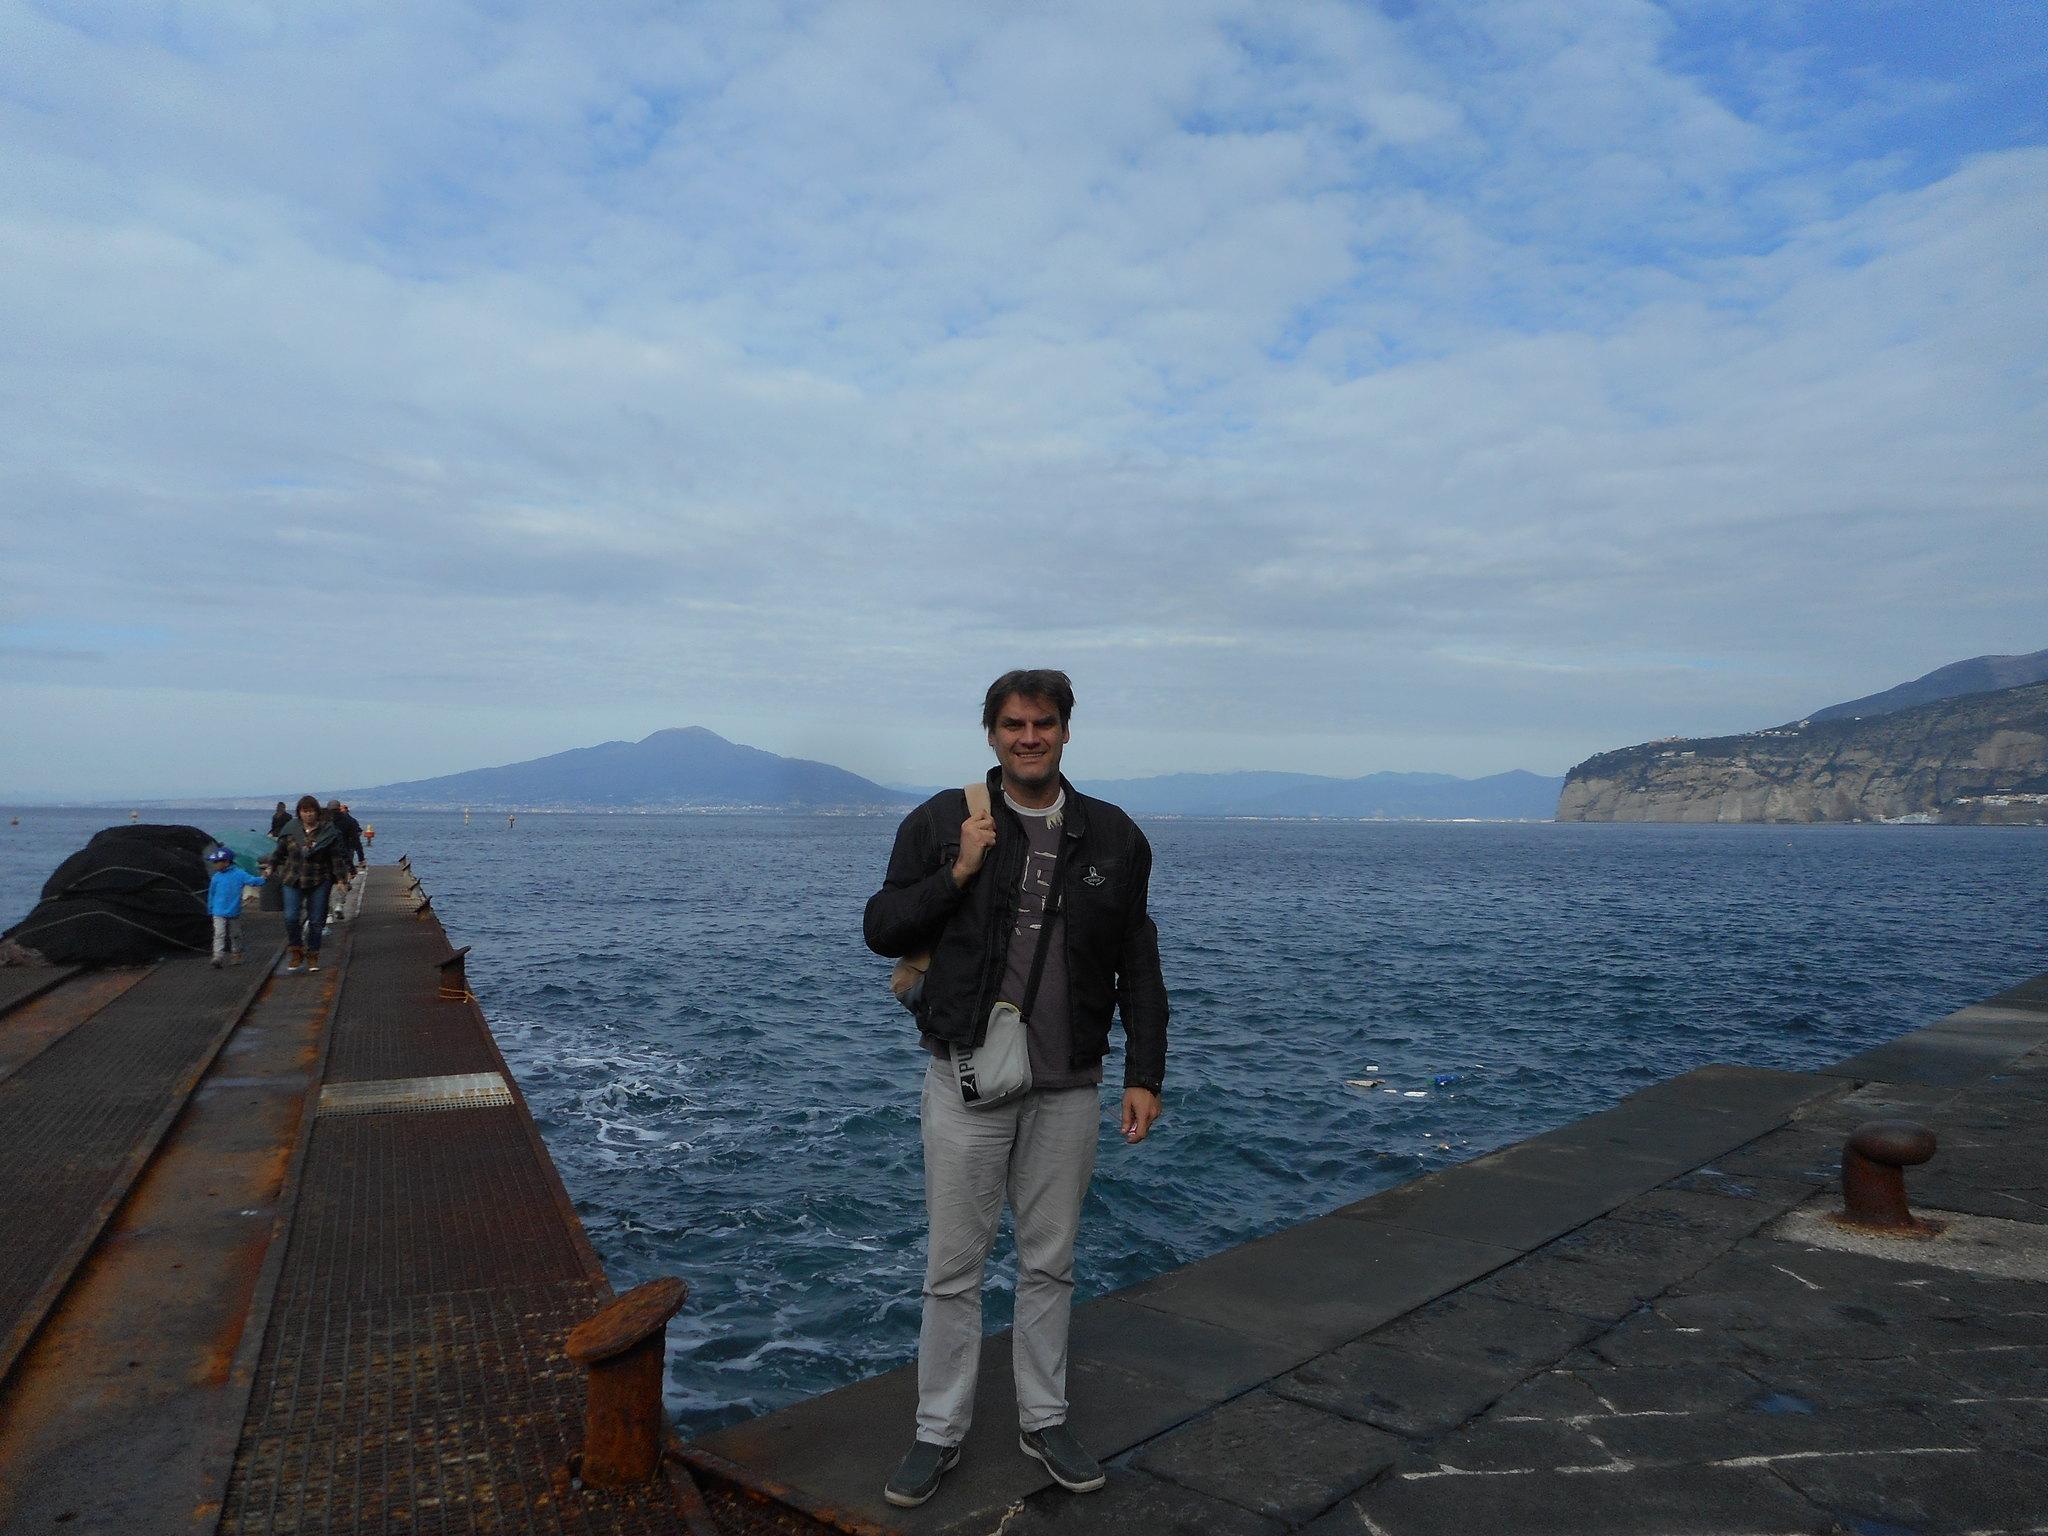 izlazi u Italiji vs Americi web stranica za upoznavanje anglo indijskog jezika